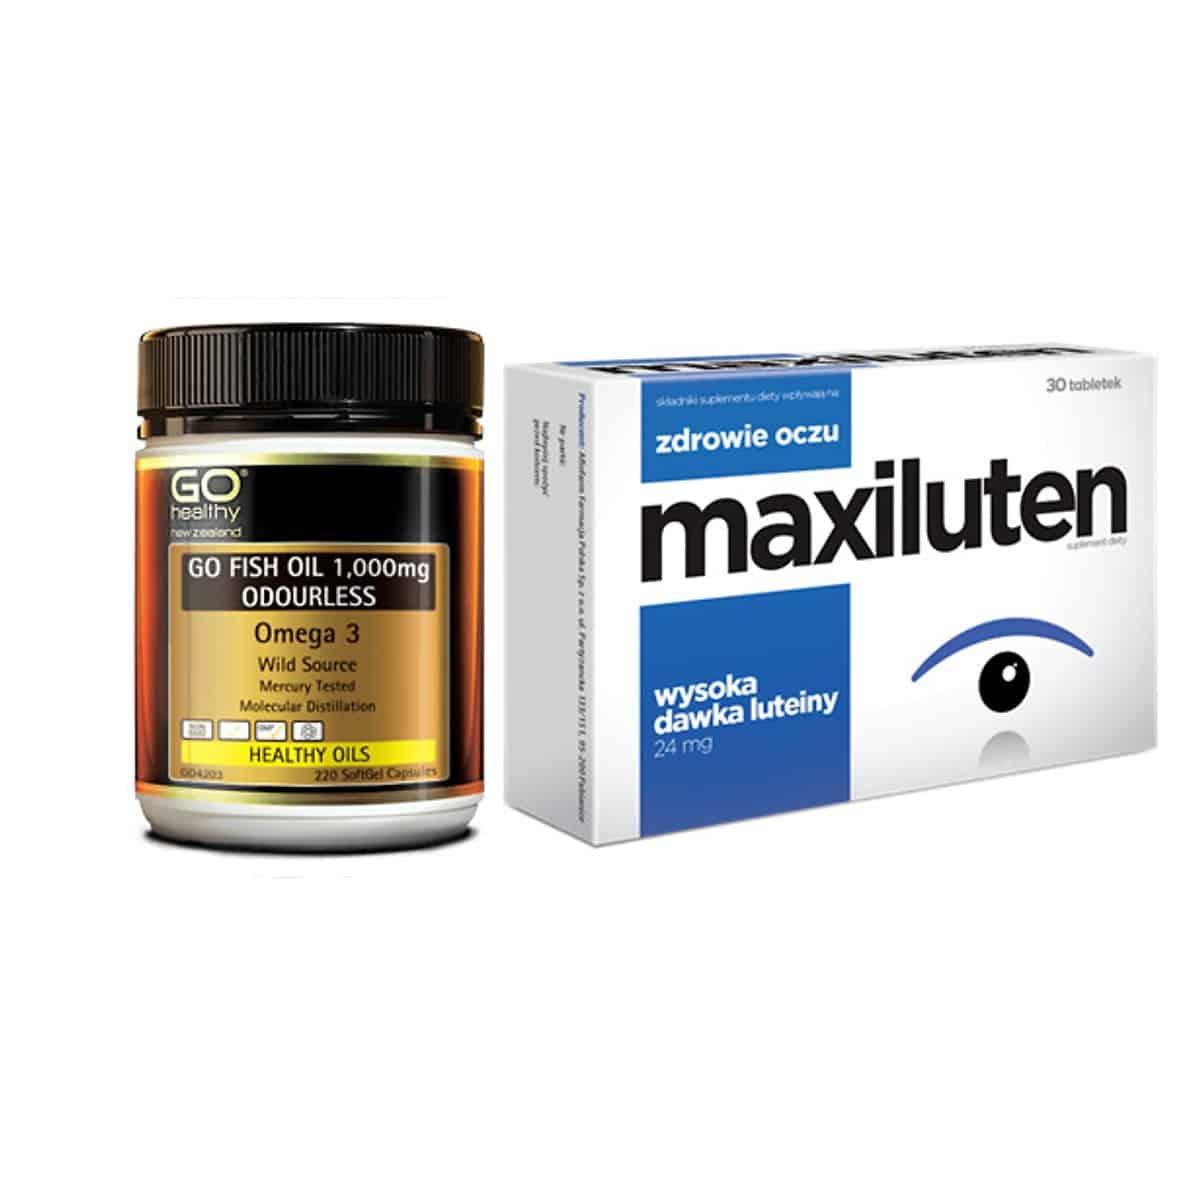 Thuốc bổ mắt Omega 3 Go Fish Oil và viên Maxiluten